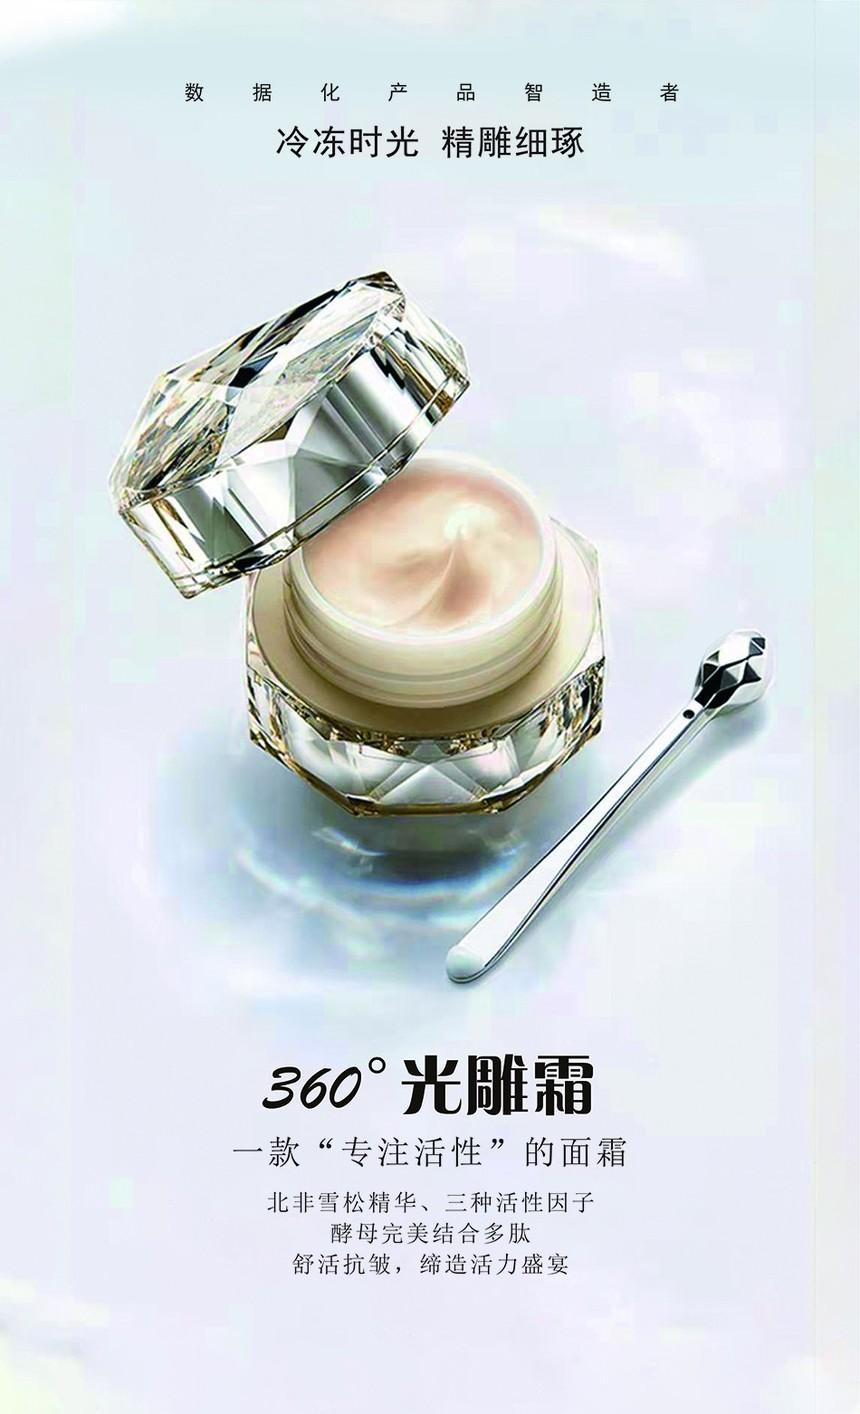 爆品海报-03.jpg